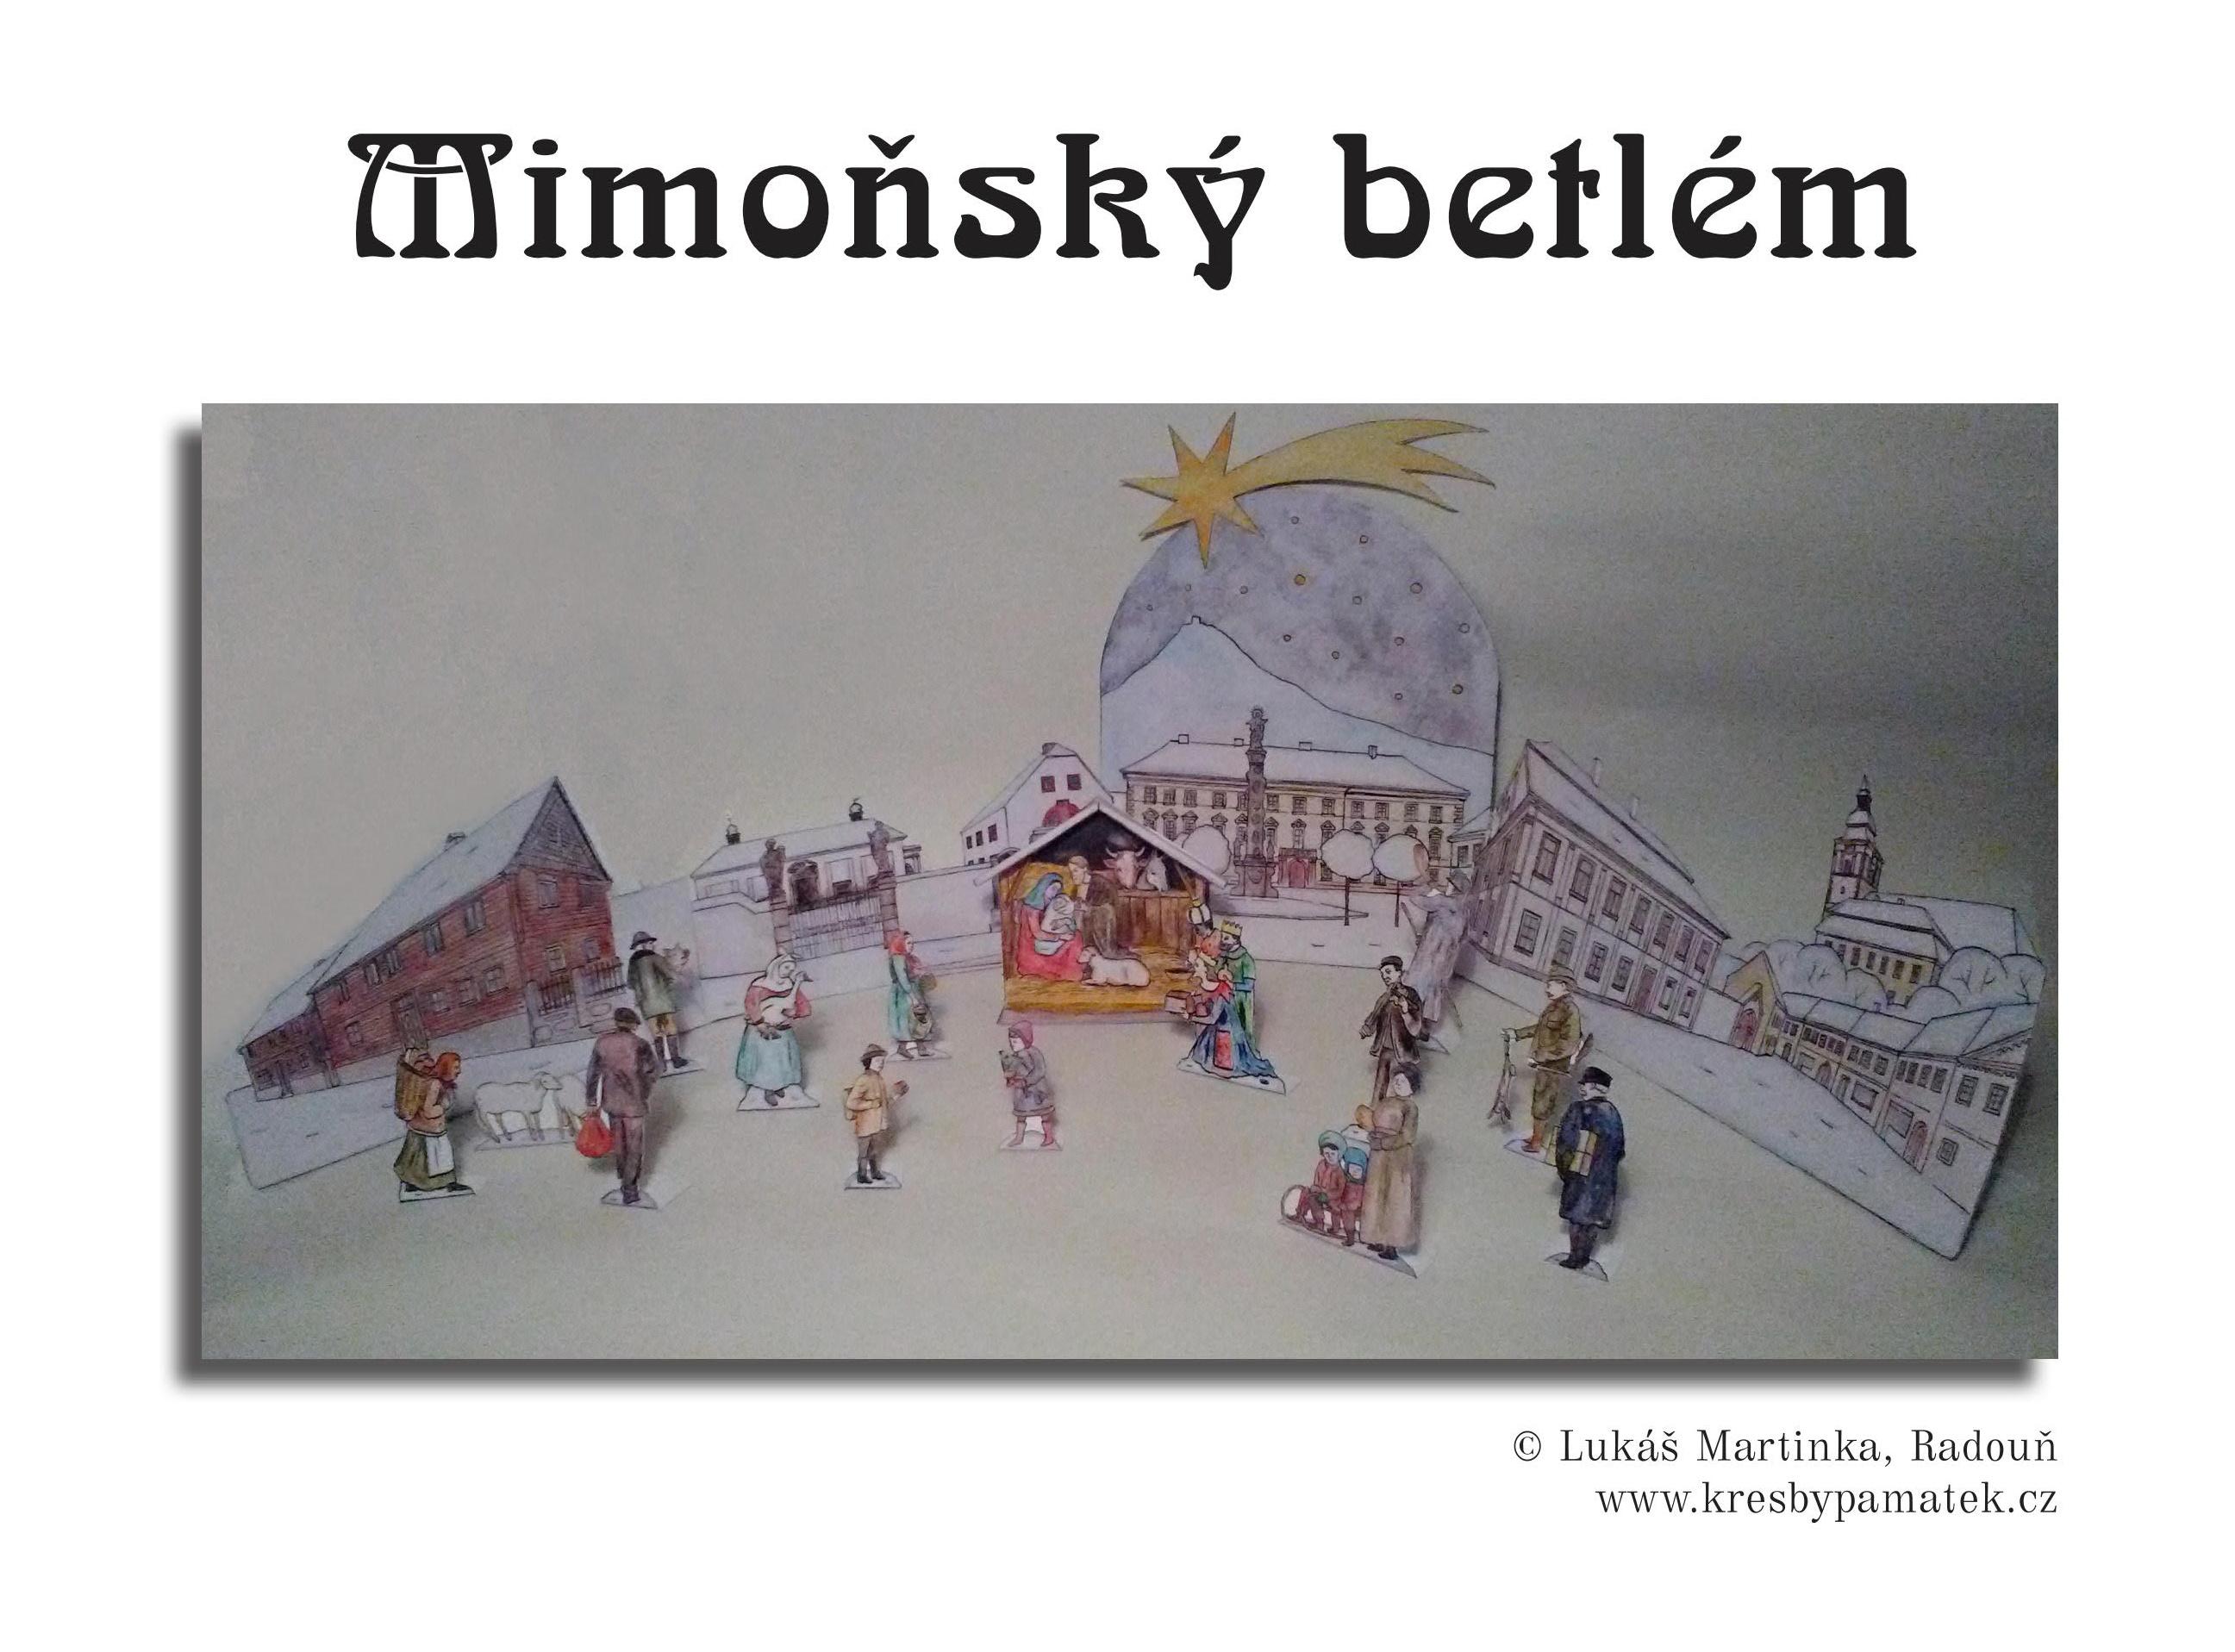 mimonsky betlem